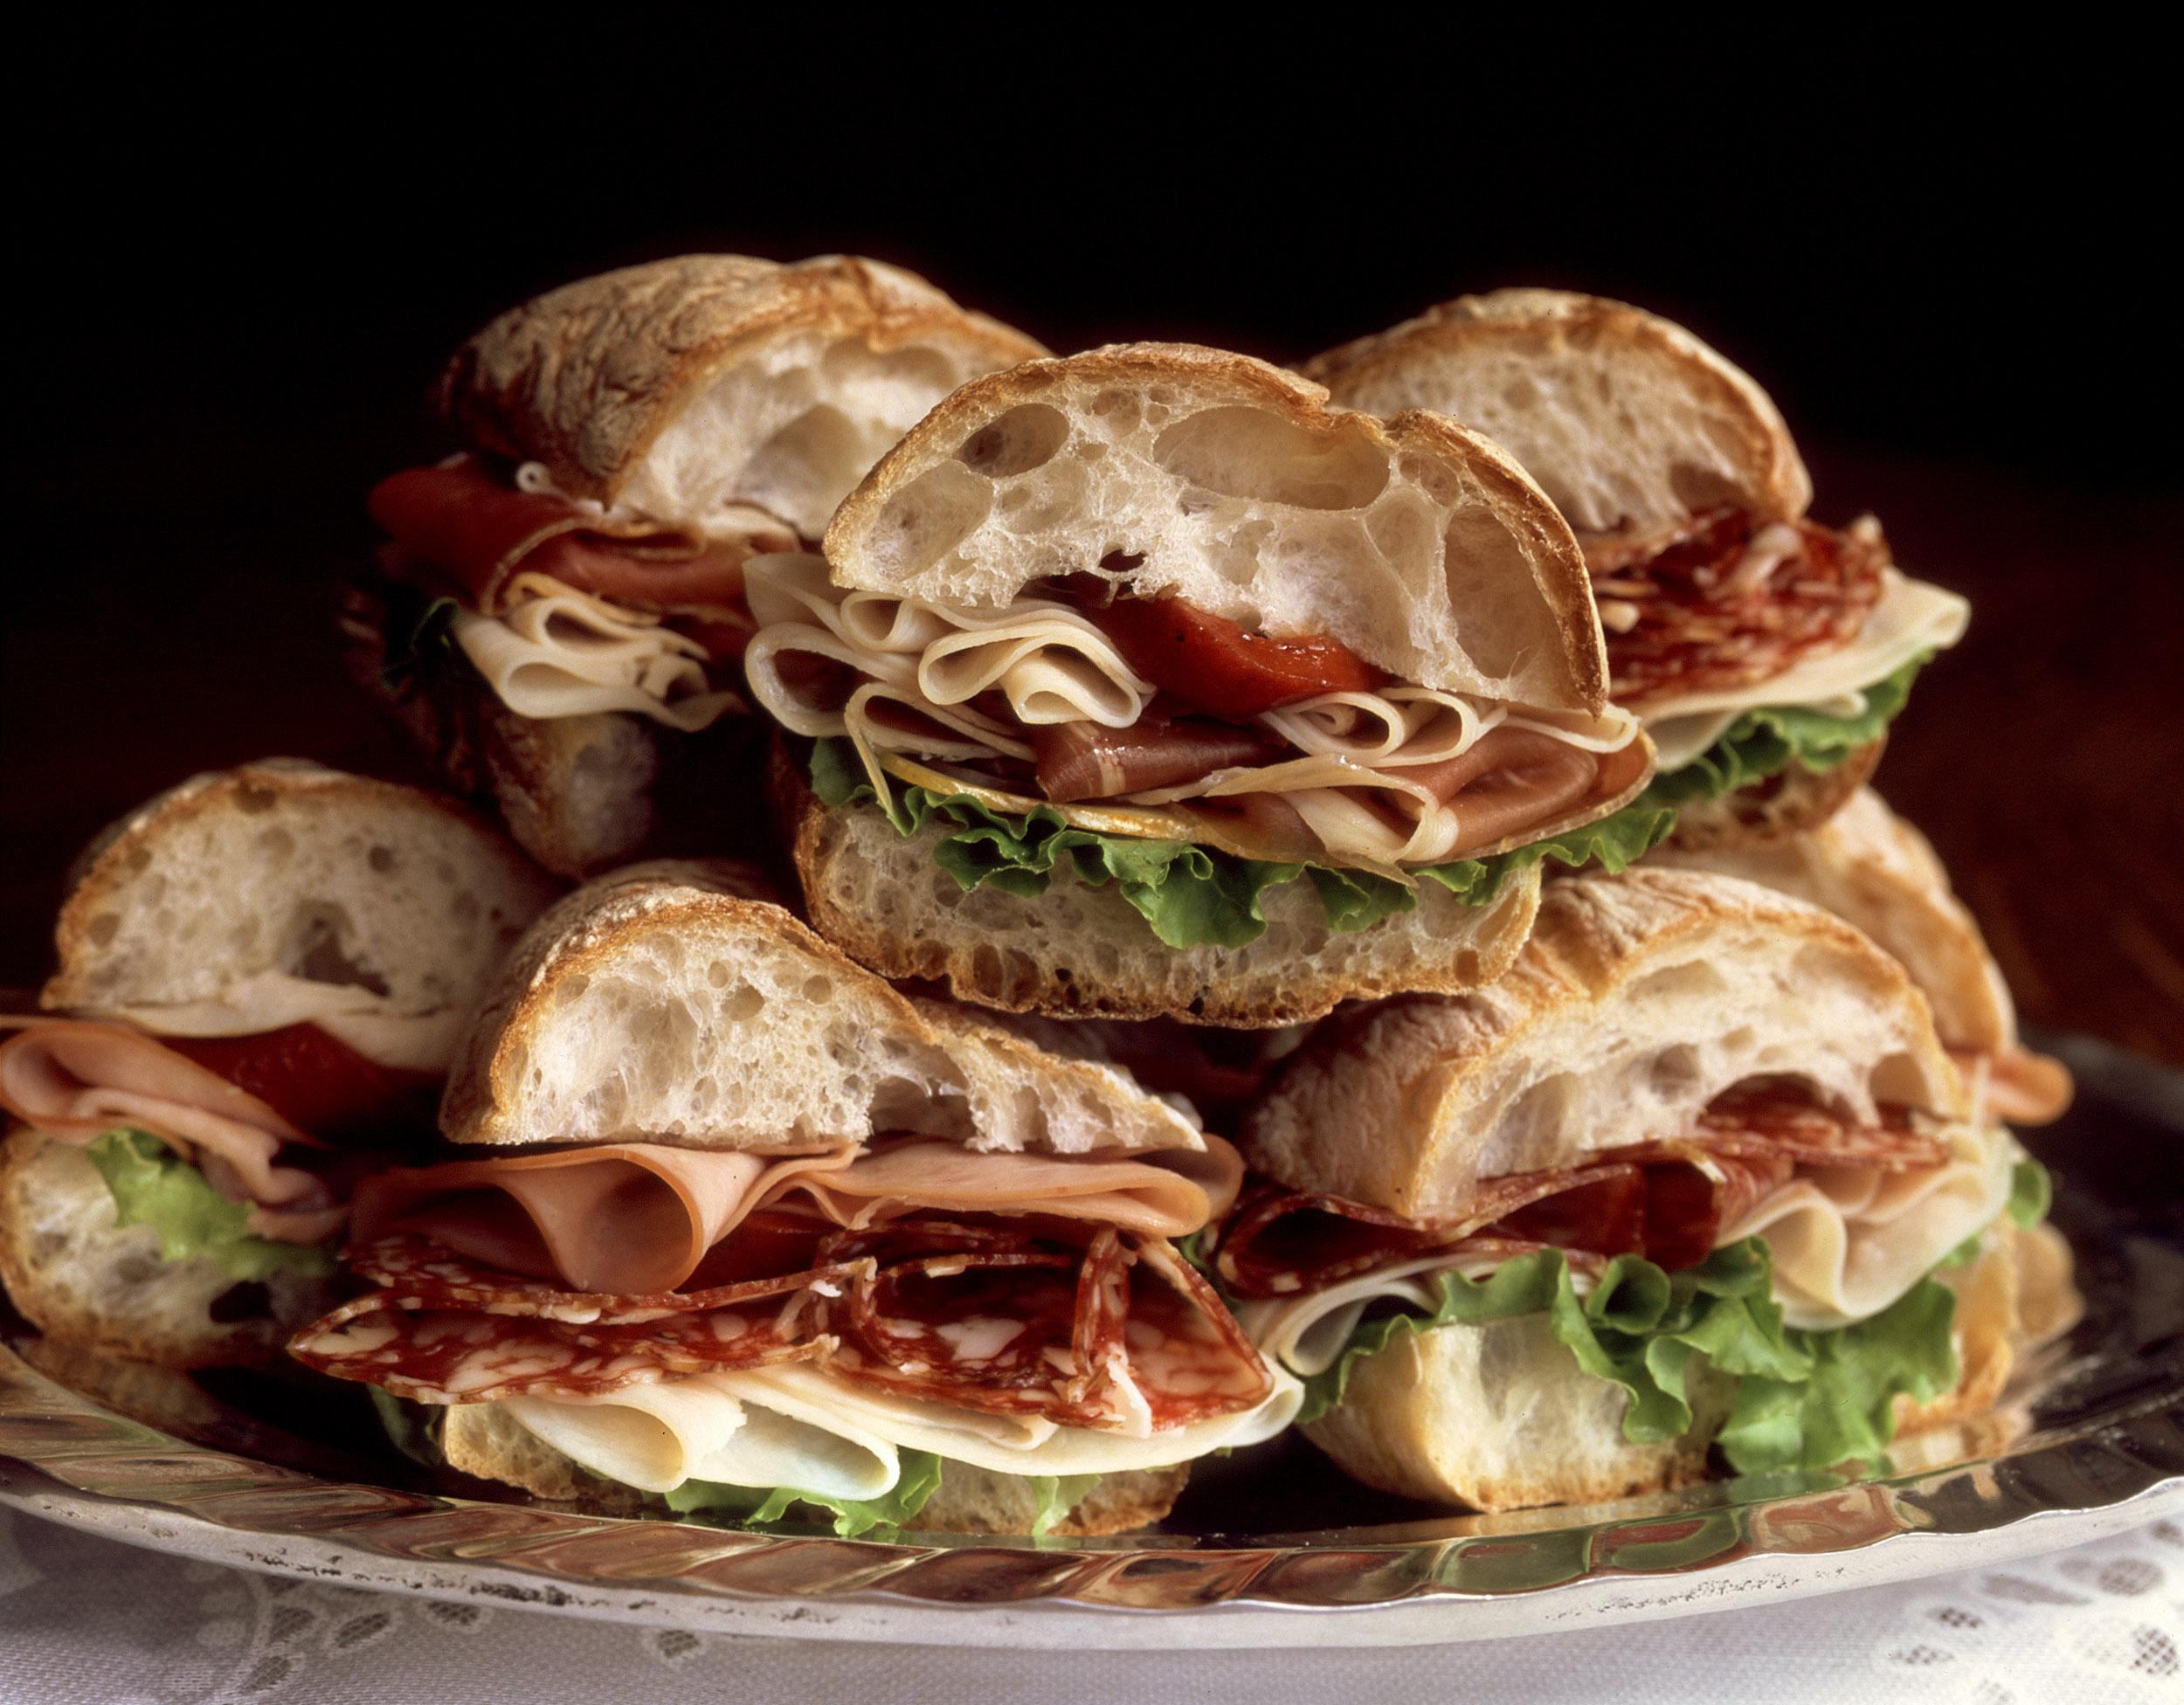 Lamazou Cheeses Amazing Sandwich Platter